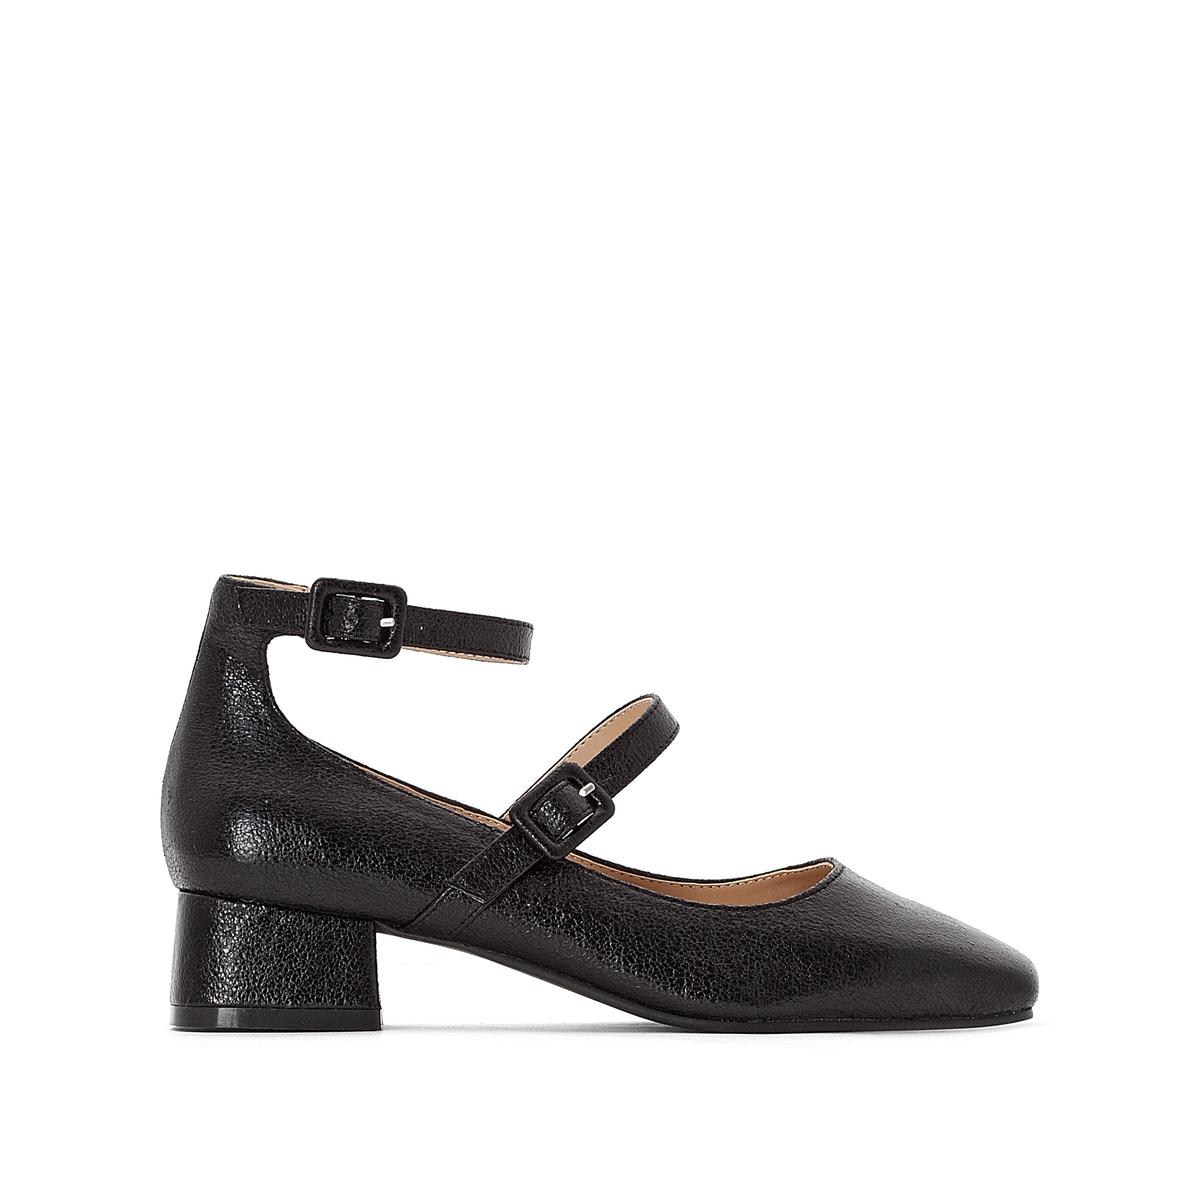 Sapatos com efeito irisado